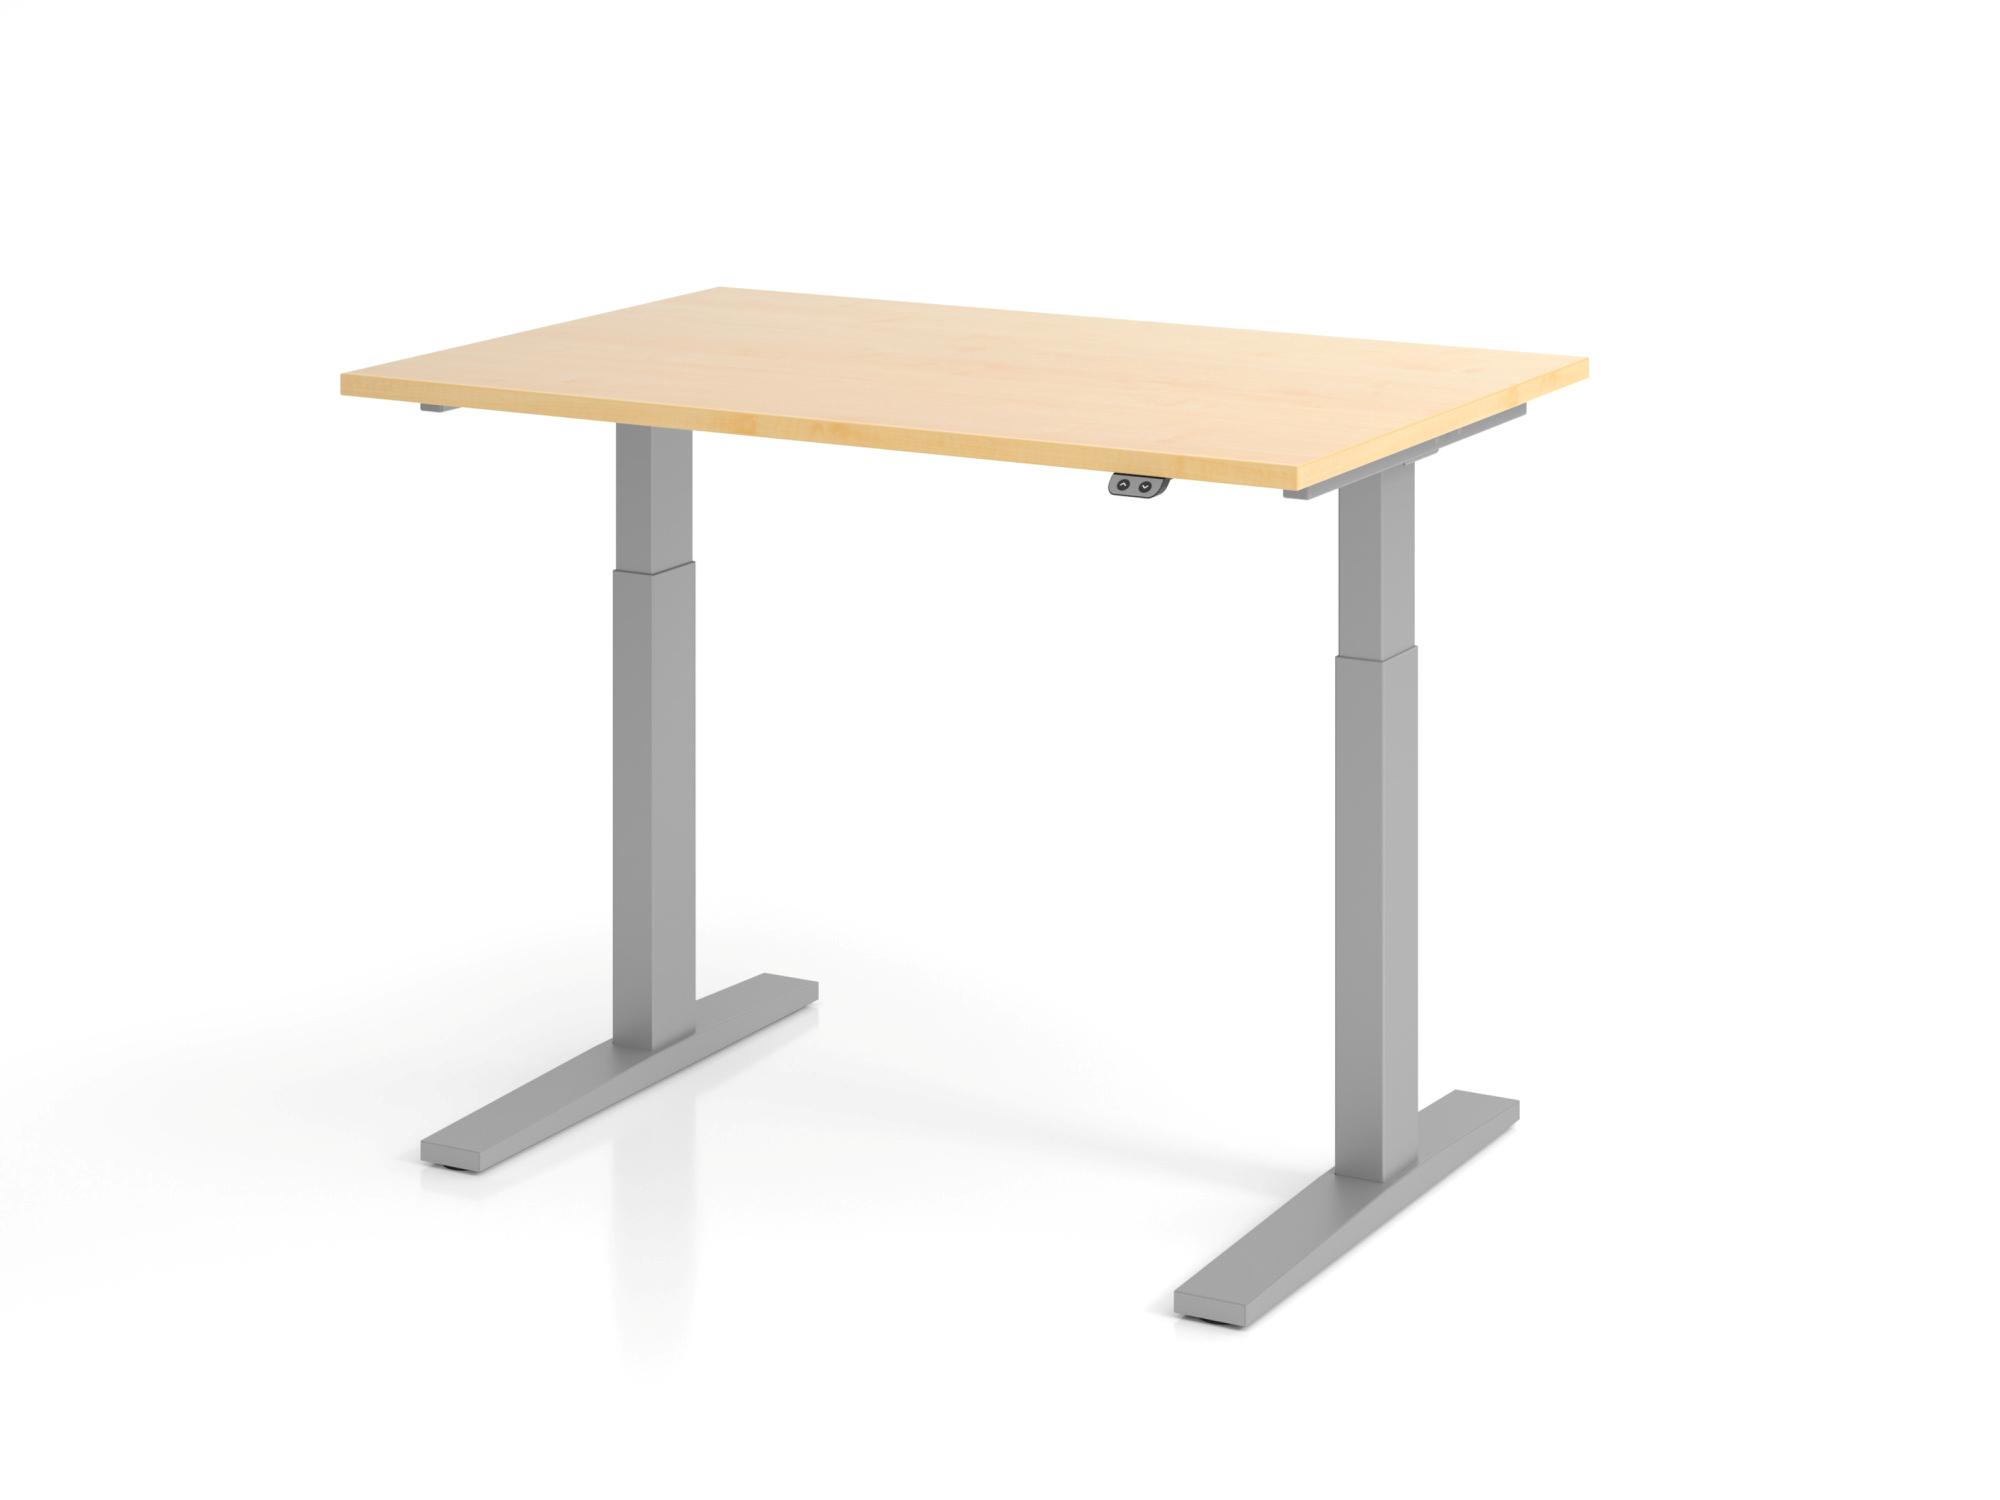 Sitz-Steh-Schreibtisch el.120x80cm Ahorn